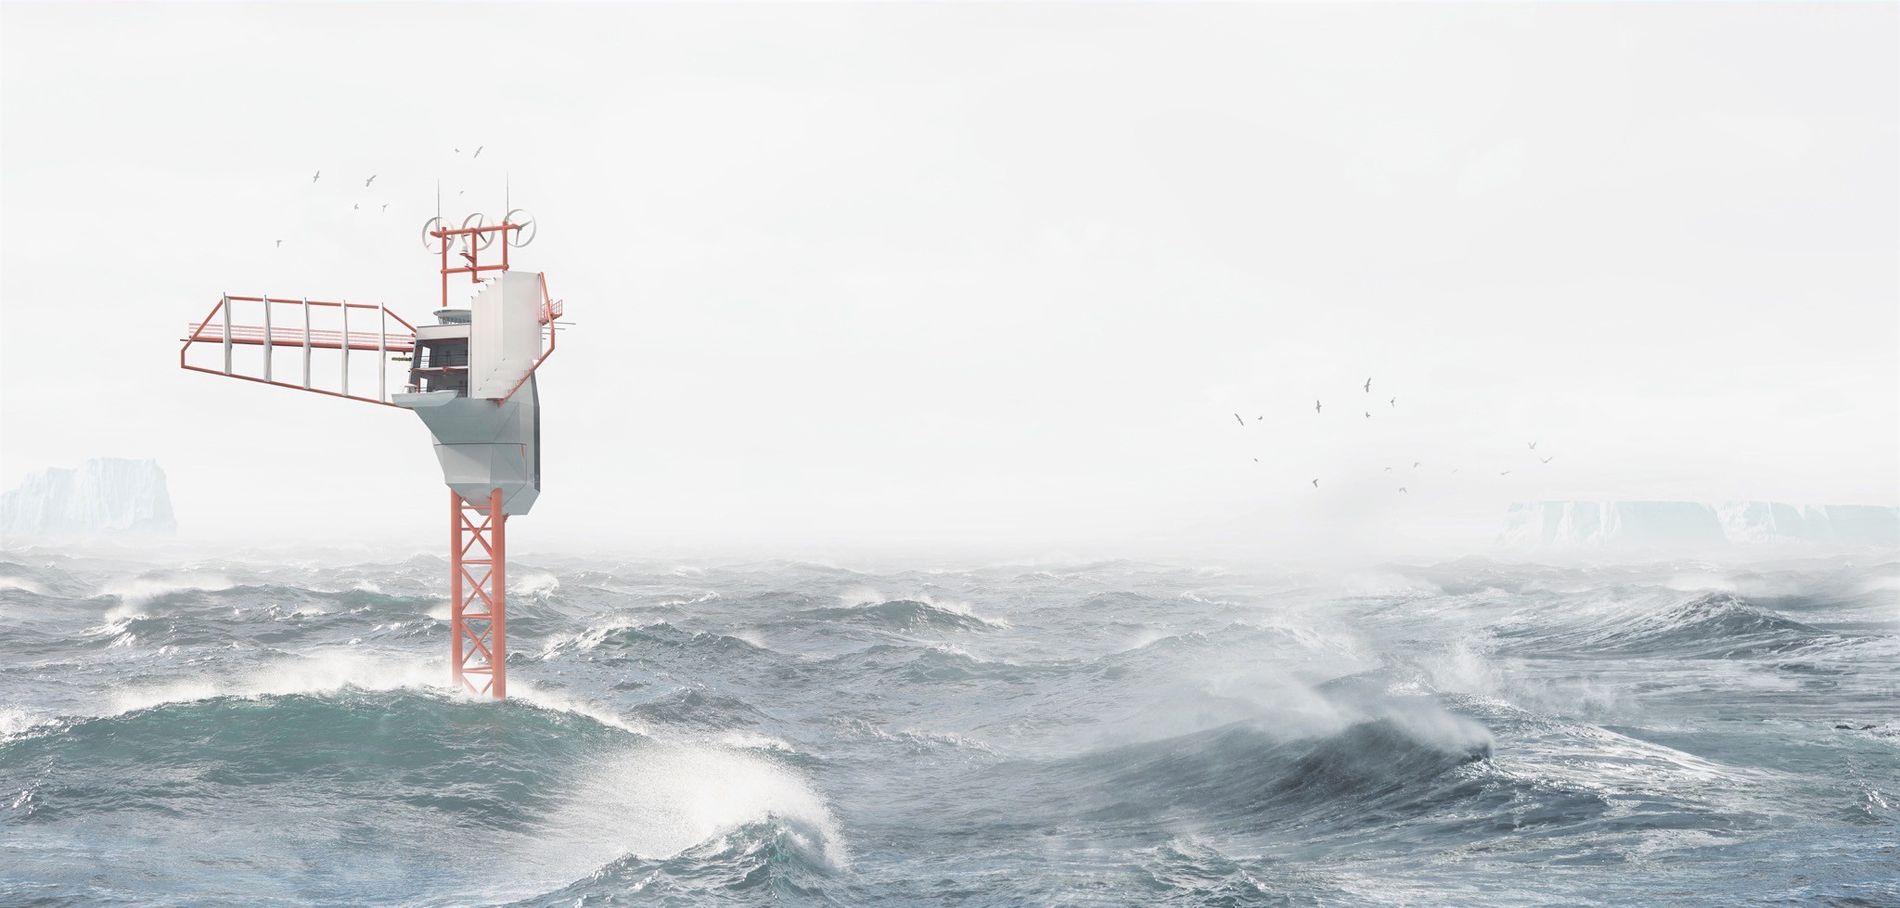 Illustration du Polar Pod dans les eaux déchaînées de l'océan austral.